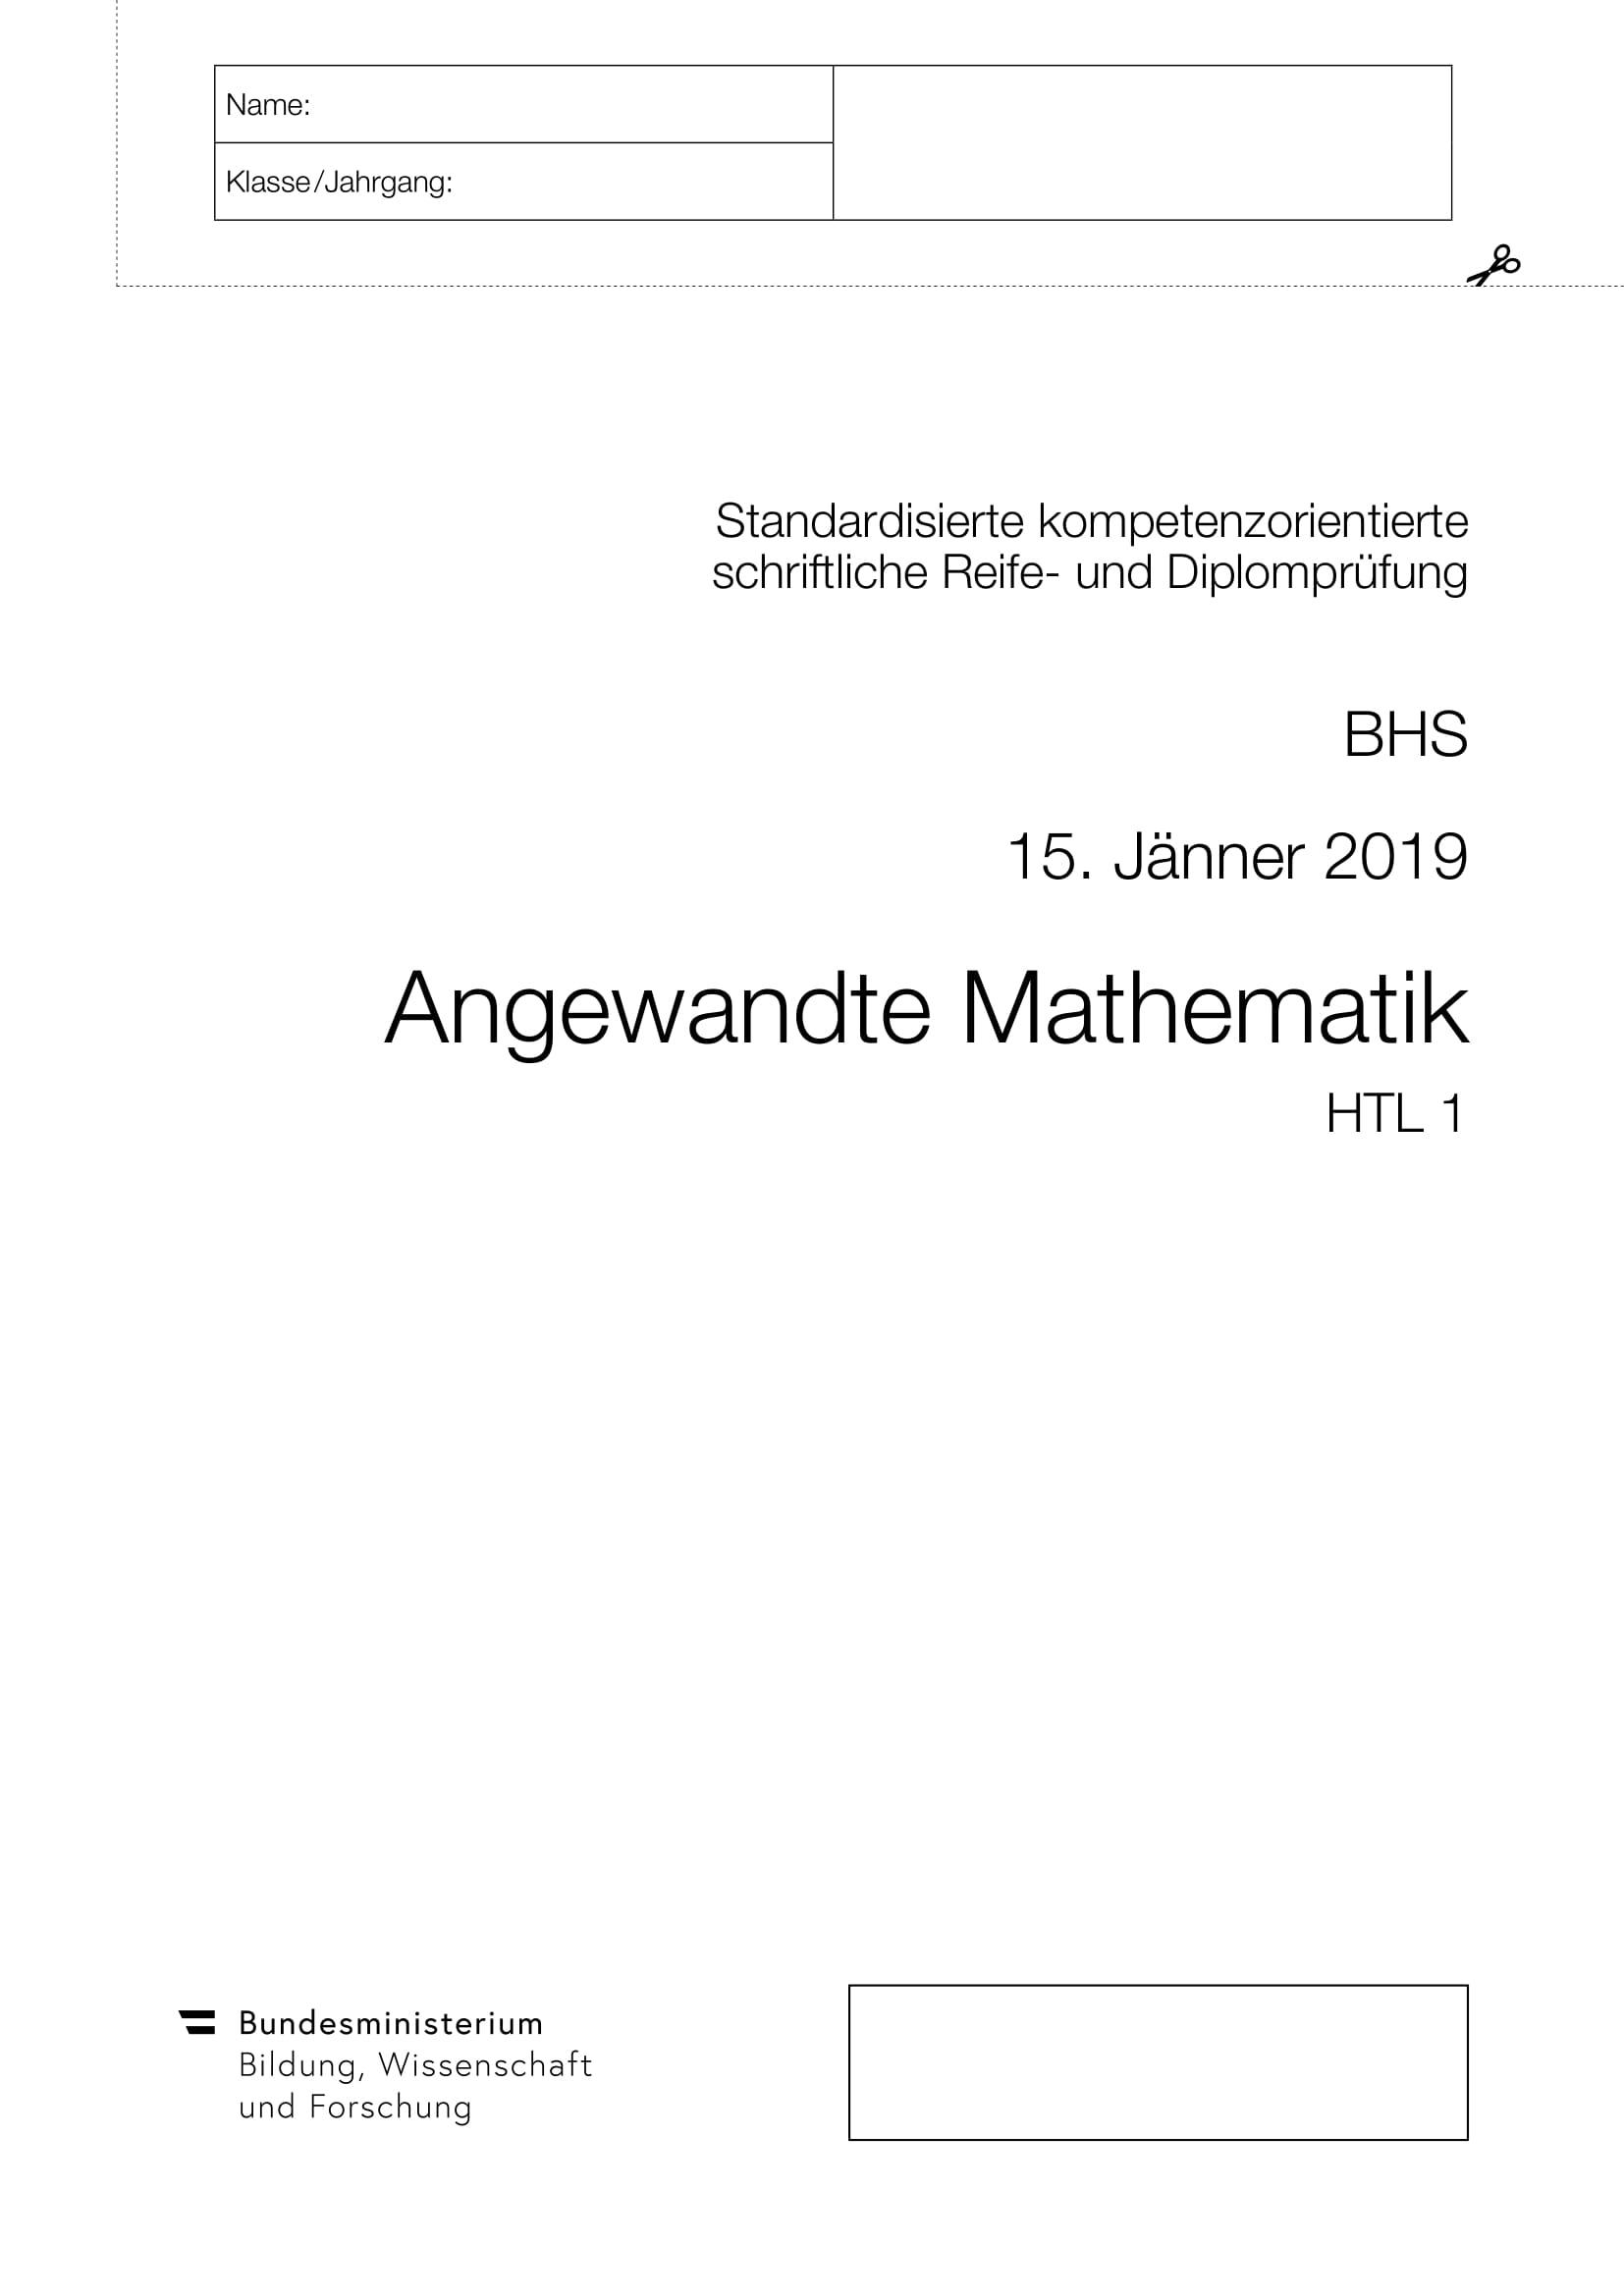 Matura HTL1 Jänner 2019